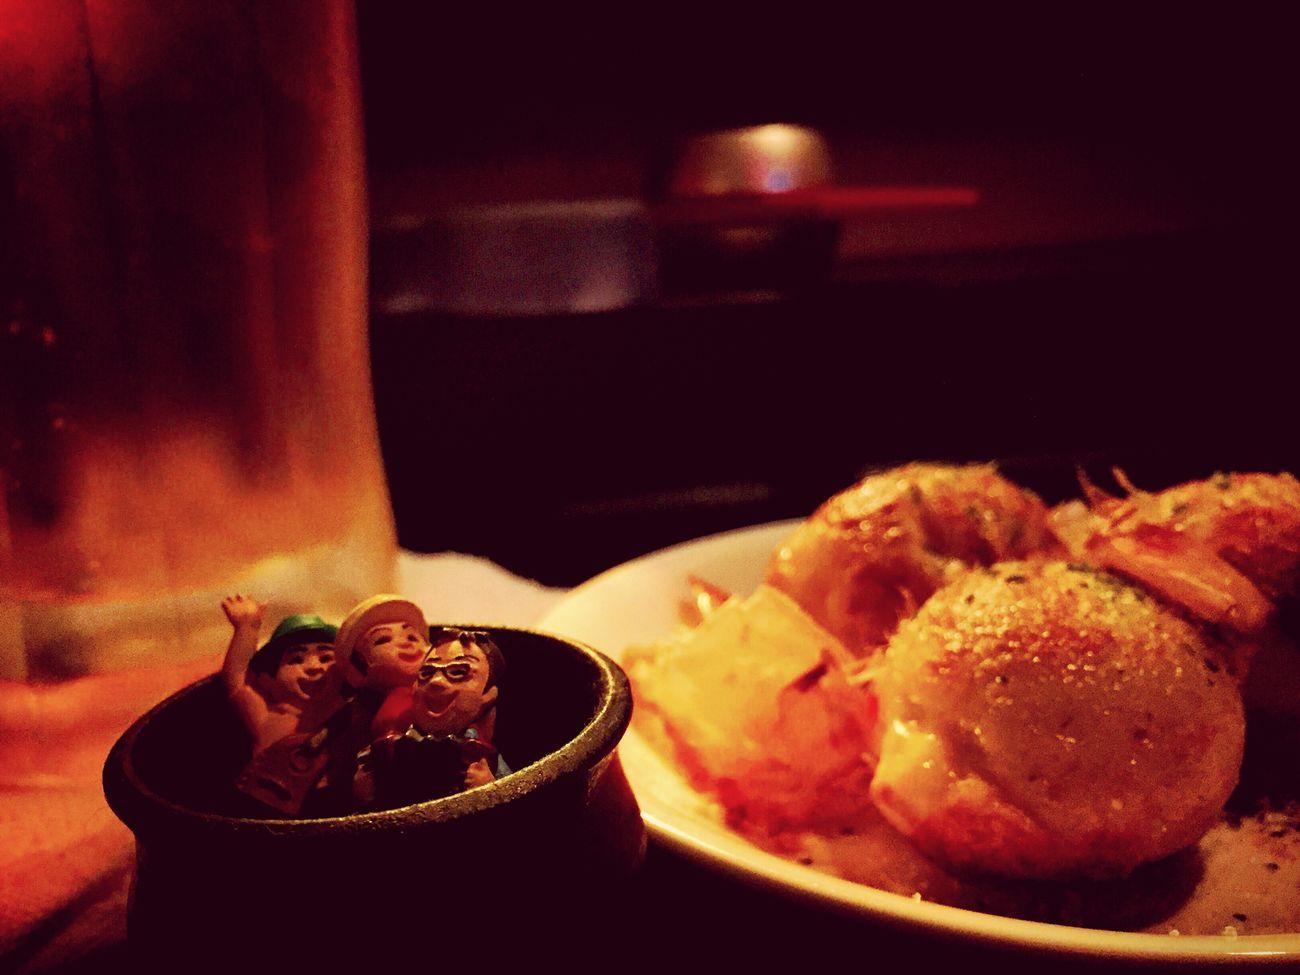 2015.12.22南風原のコンテナバルにて 沖縄 南風原 Food たこやき 塩 Okinawa Iphone6 Haebaru ビギン Begin